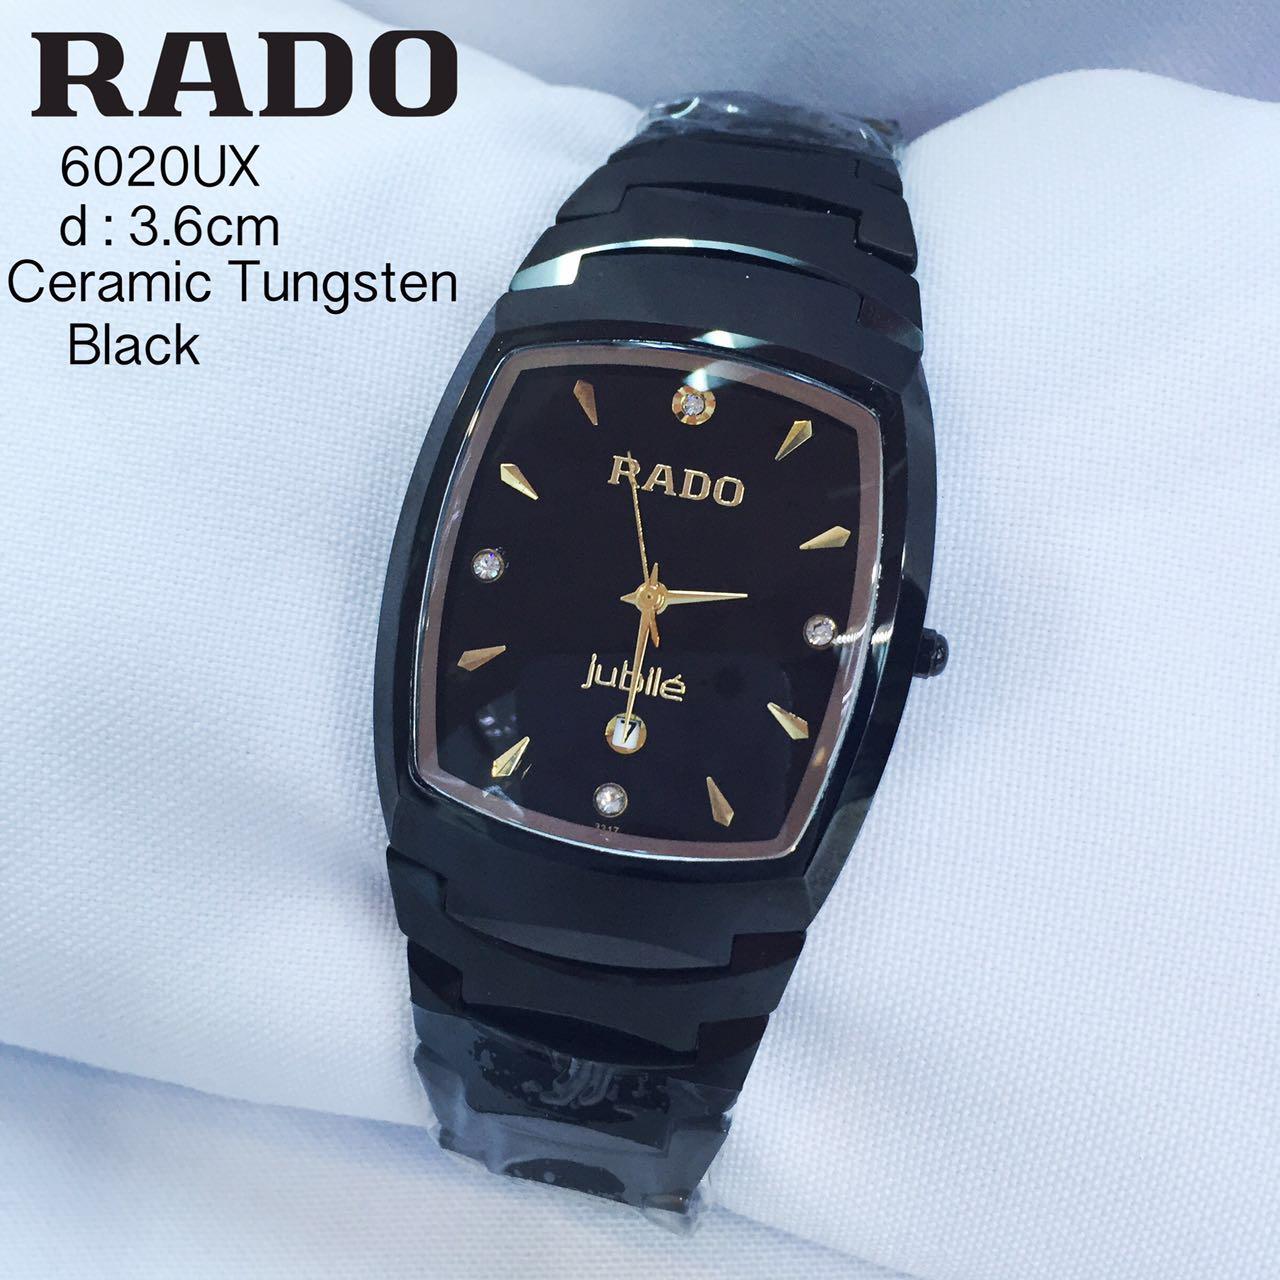 Jual Jam Tangan Rado 6020UX Case Kotak - Be laris  533c05b95e